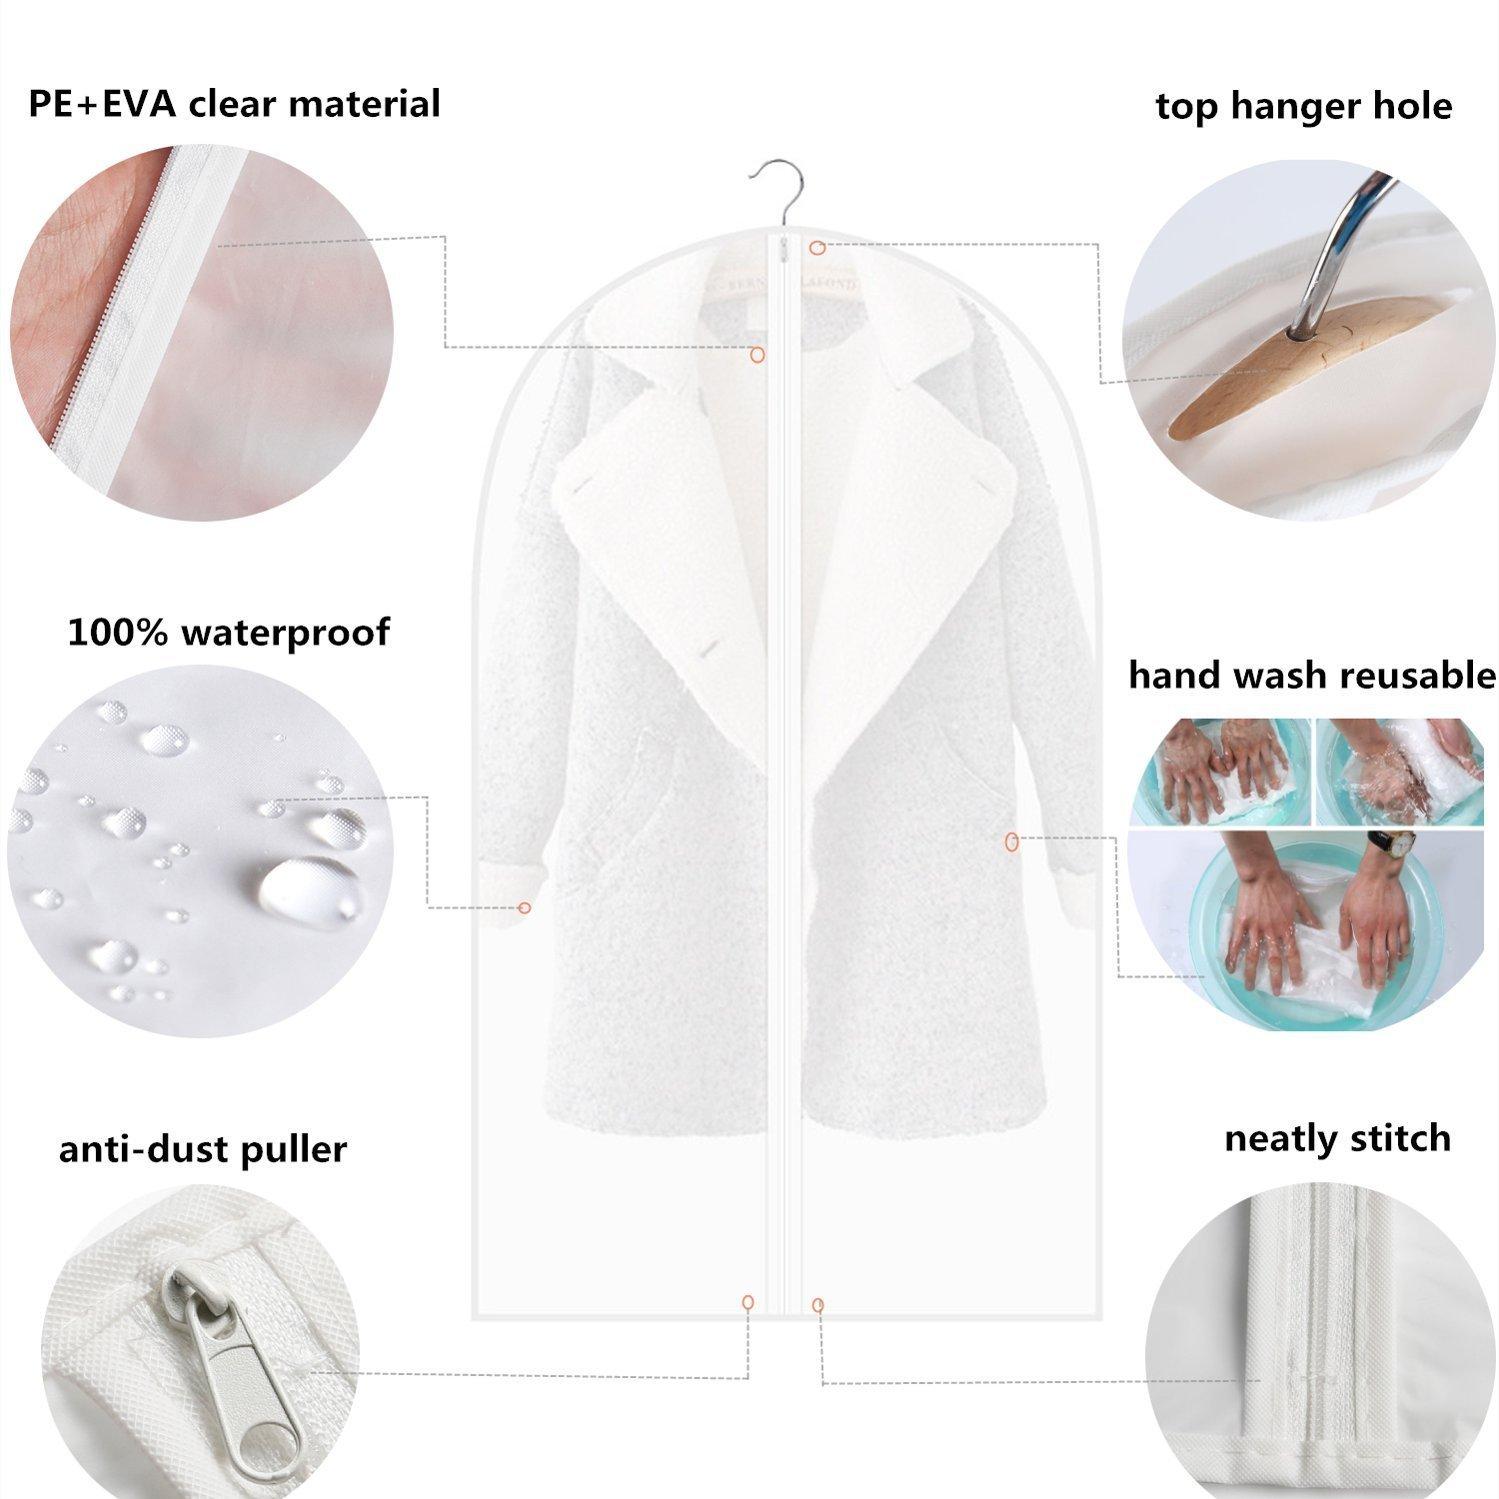 Fundas de ropa mediano para camisa su/éter 3 unidades 90 x 60 cm Abar/ía protectores de ropa trajes abrigos con cremallera